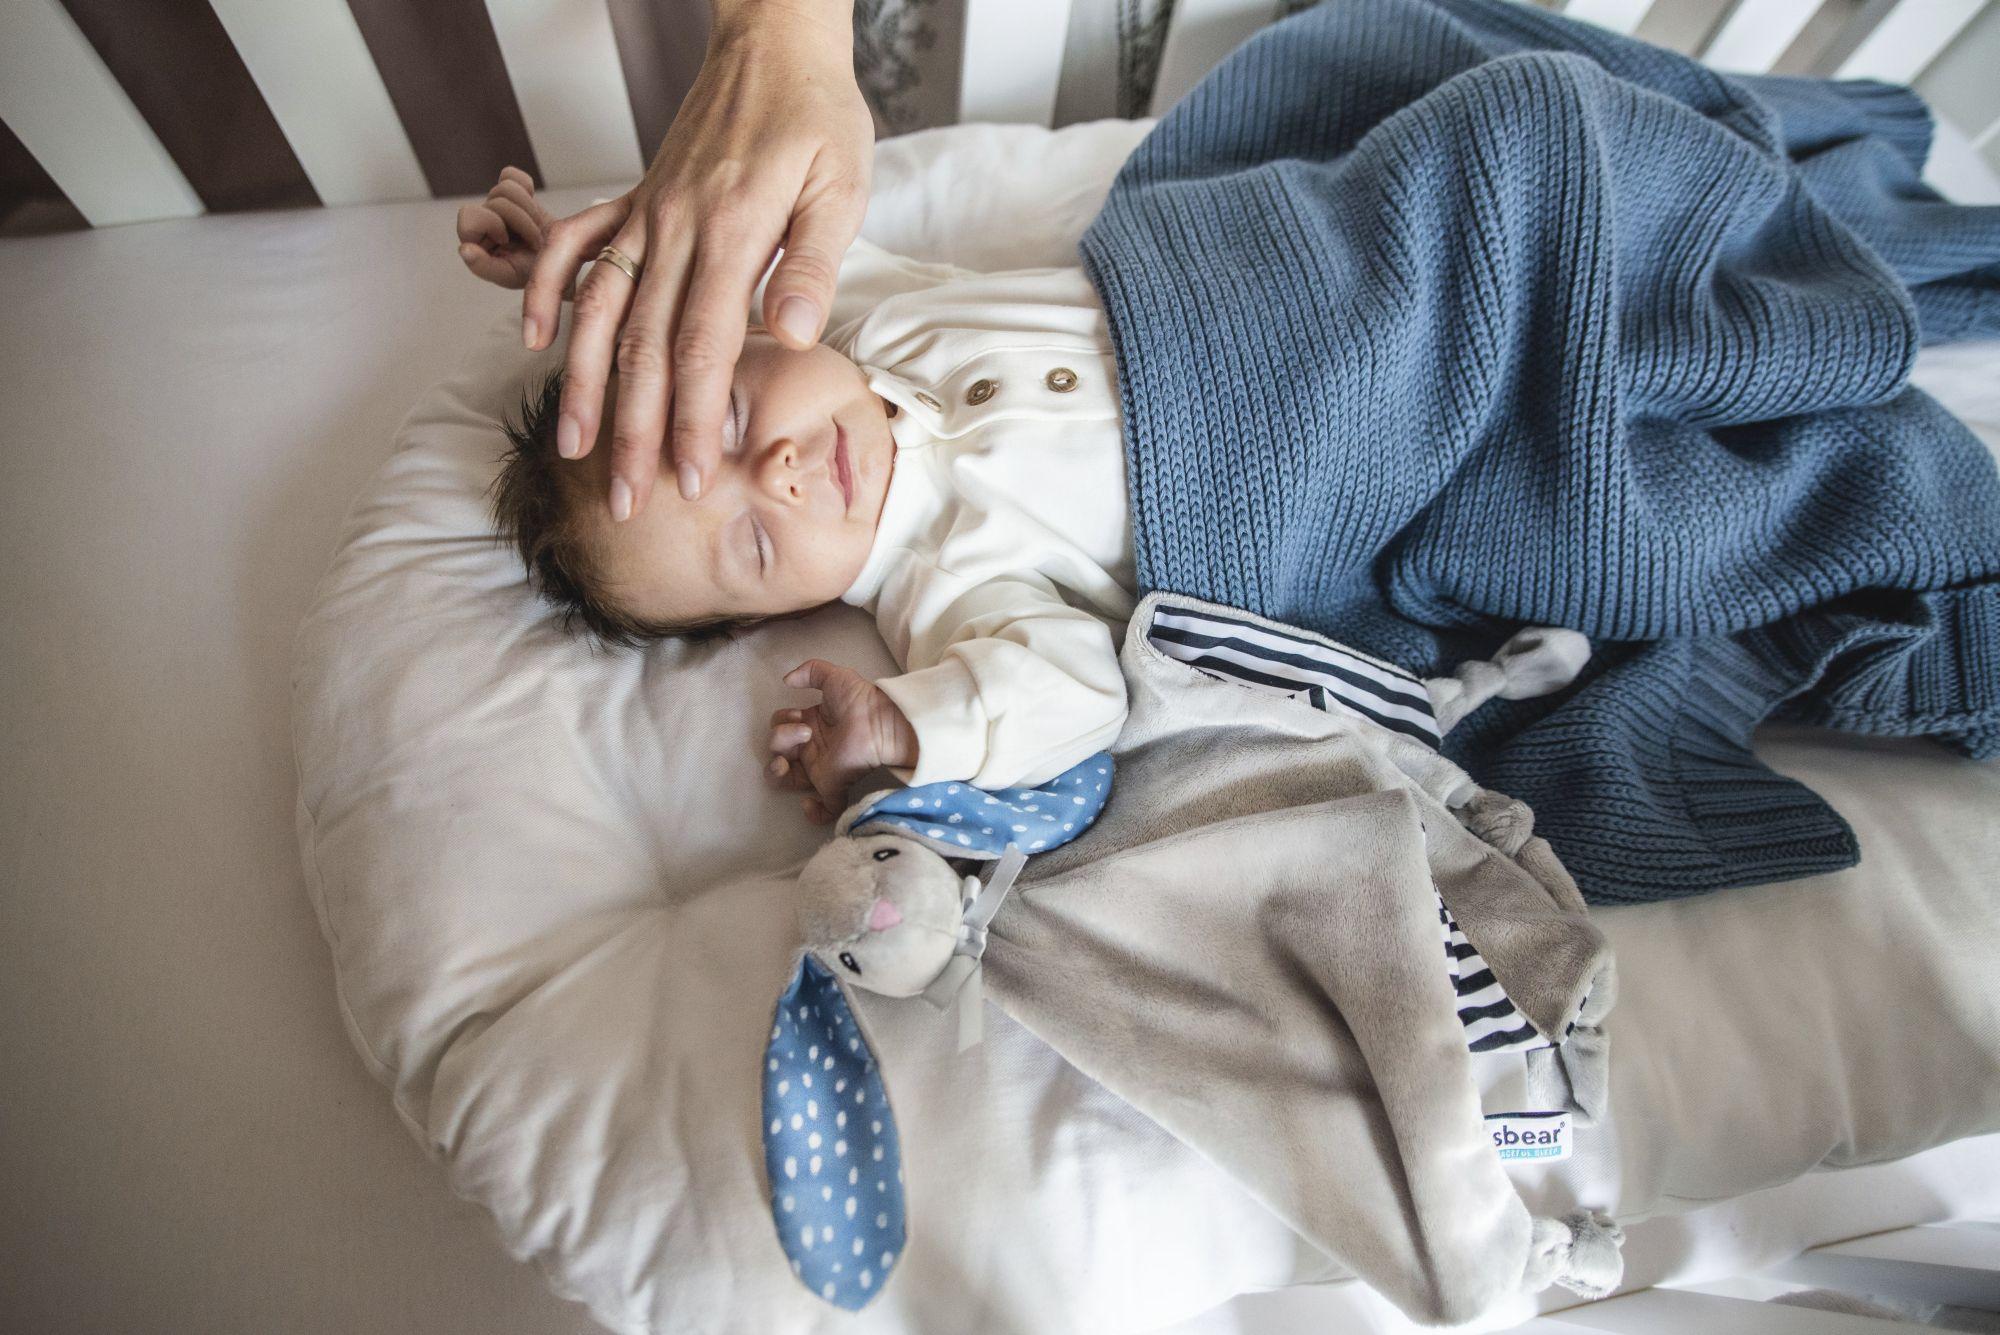 Problemy ze snem u niemowlaka w dzień? Whisbear jest rozwiązaniem!